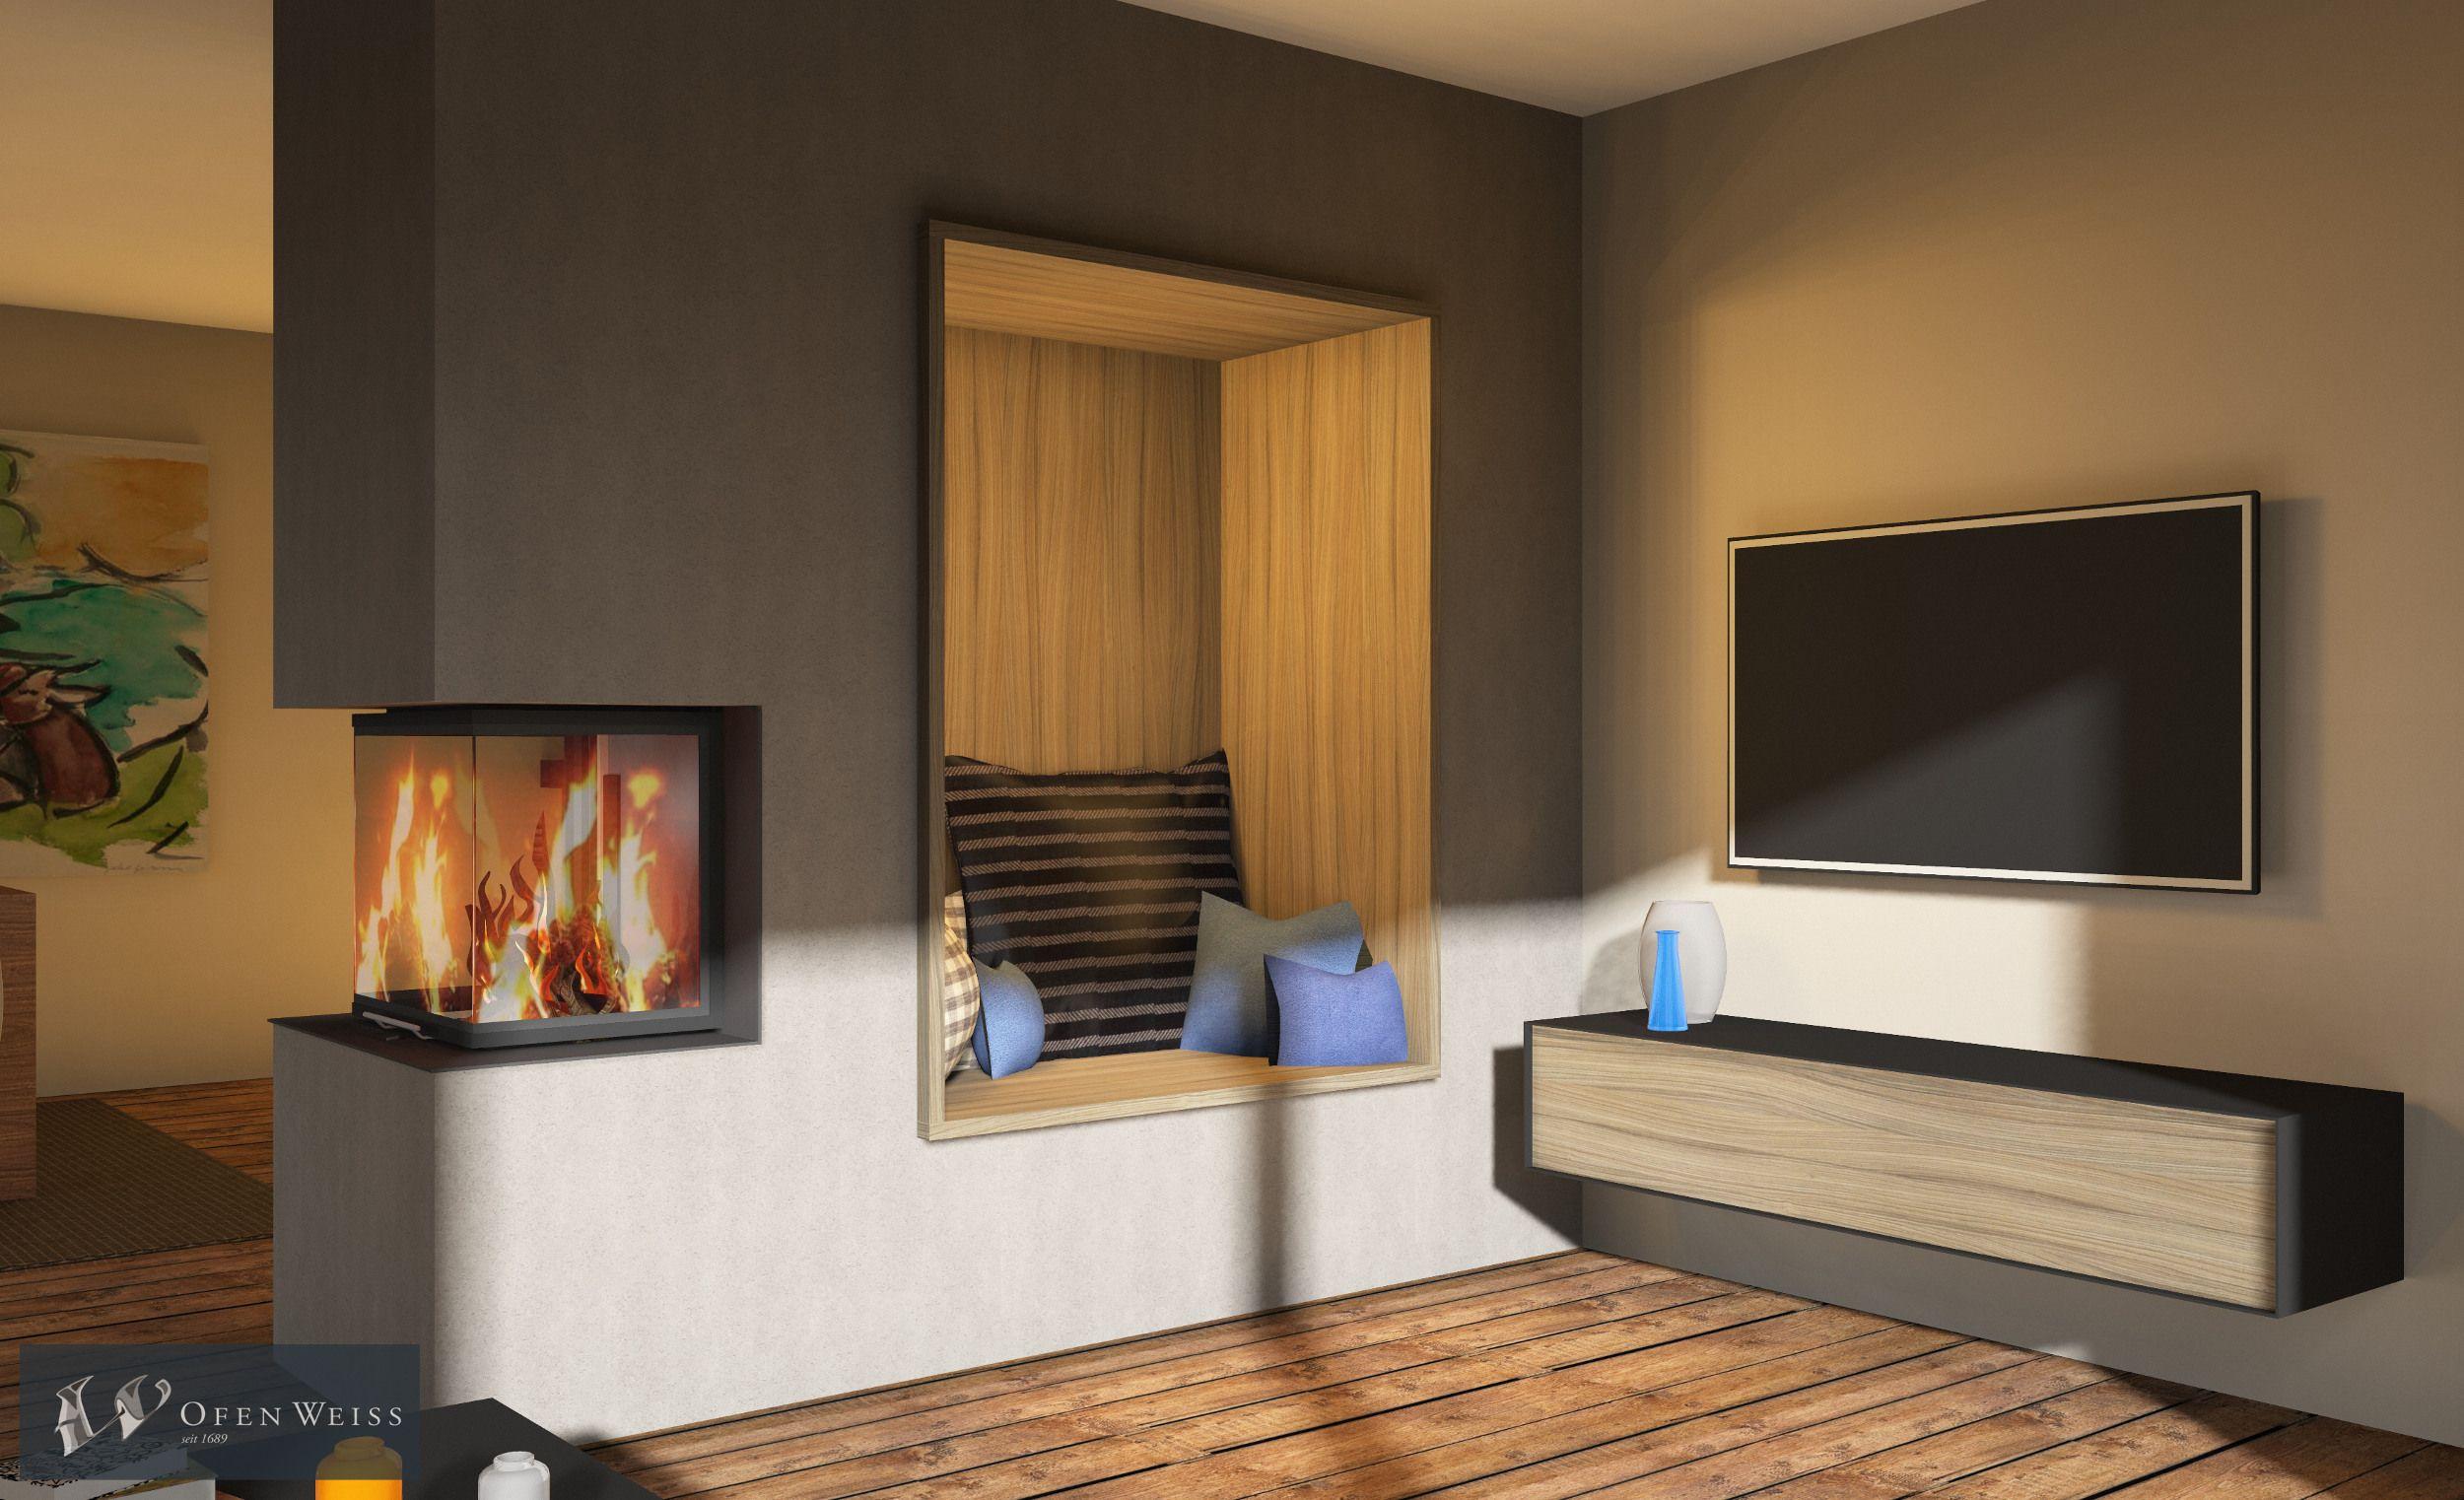 Panoramakamin als Raumteiler mit kuscheliger Nische. CAD Zeichnung ...